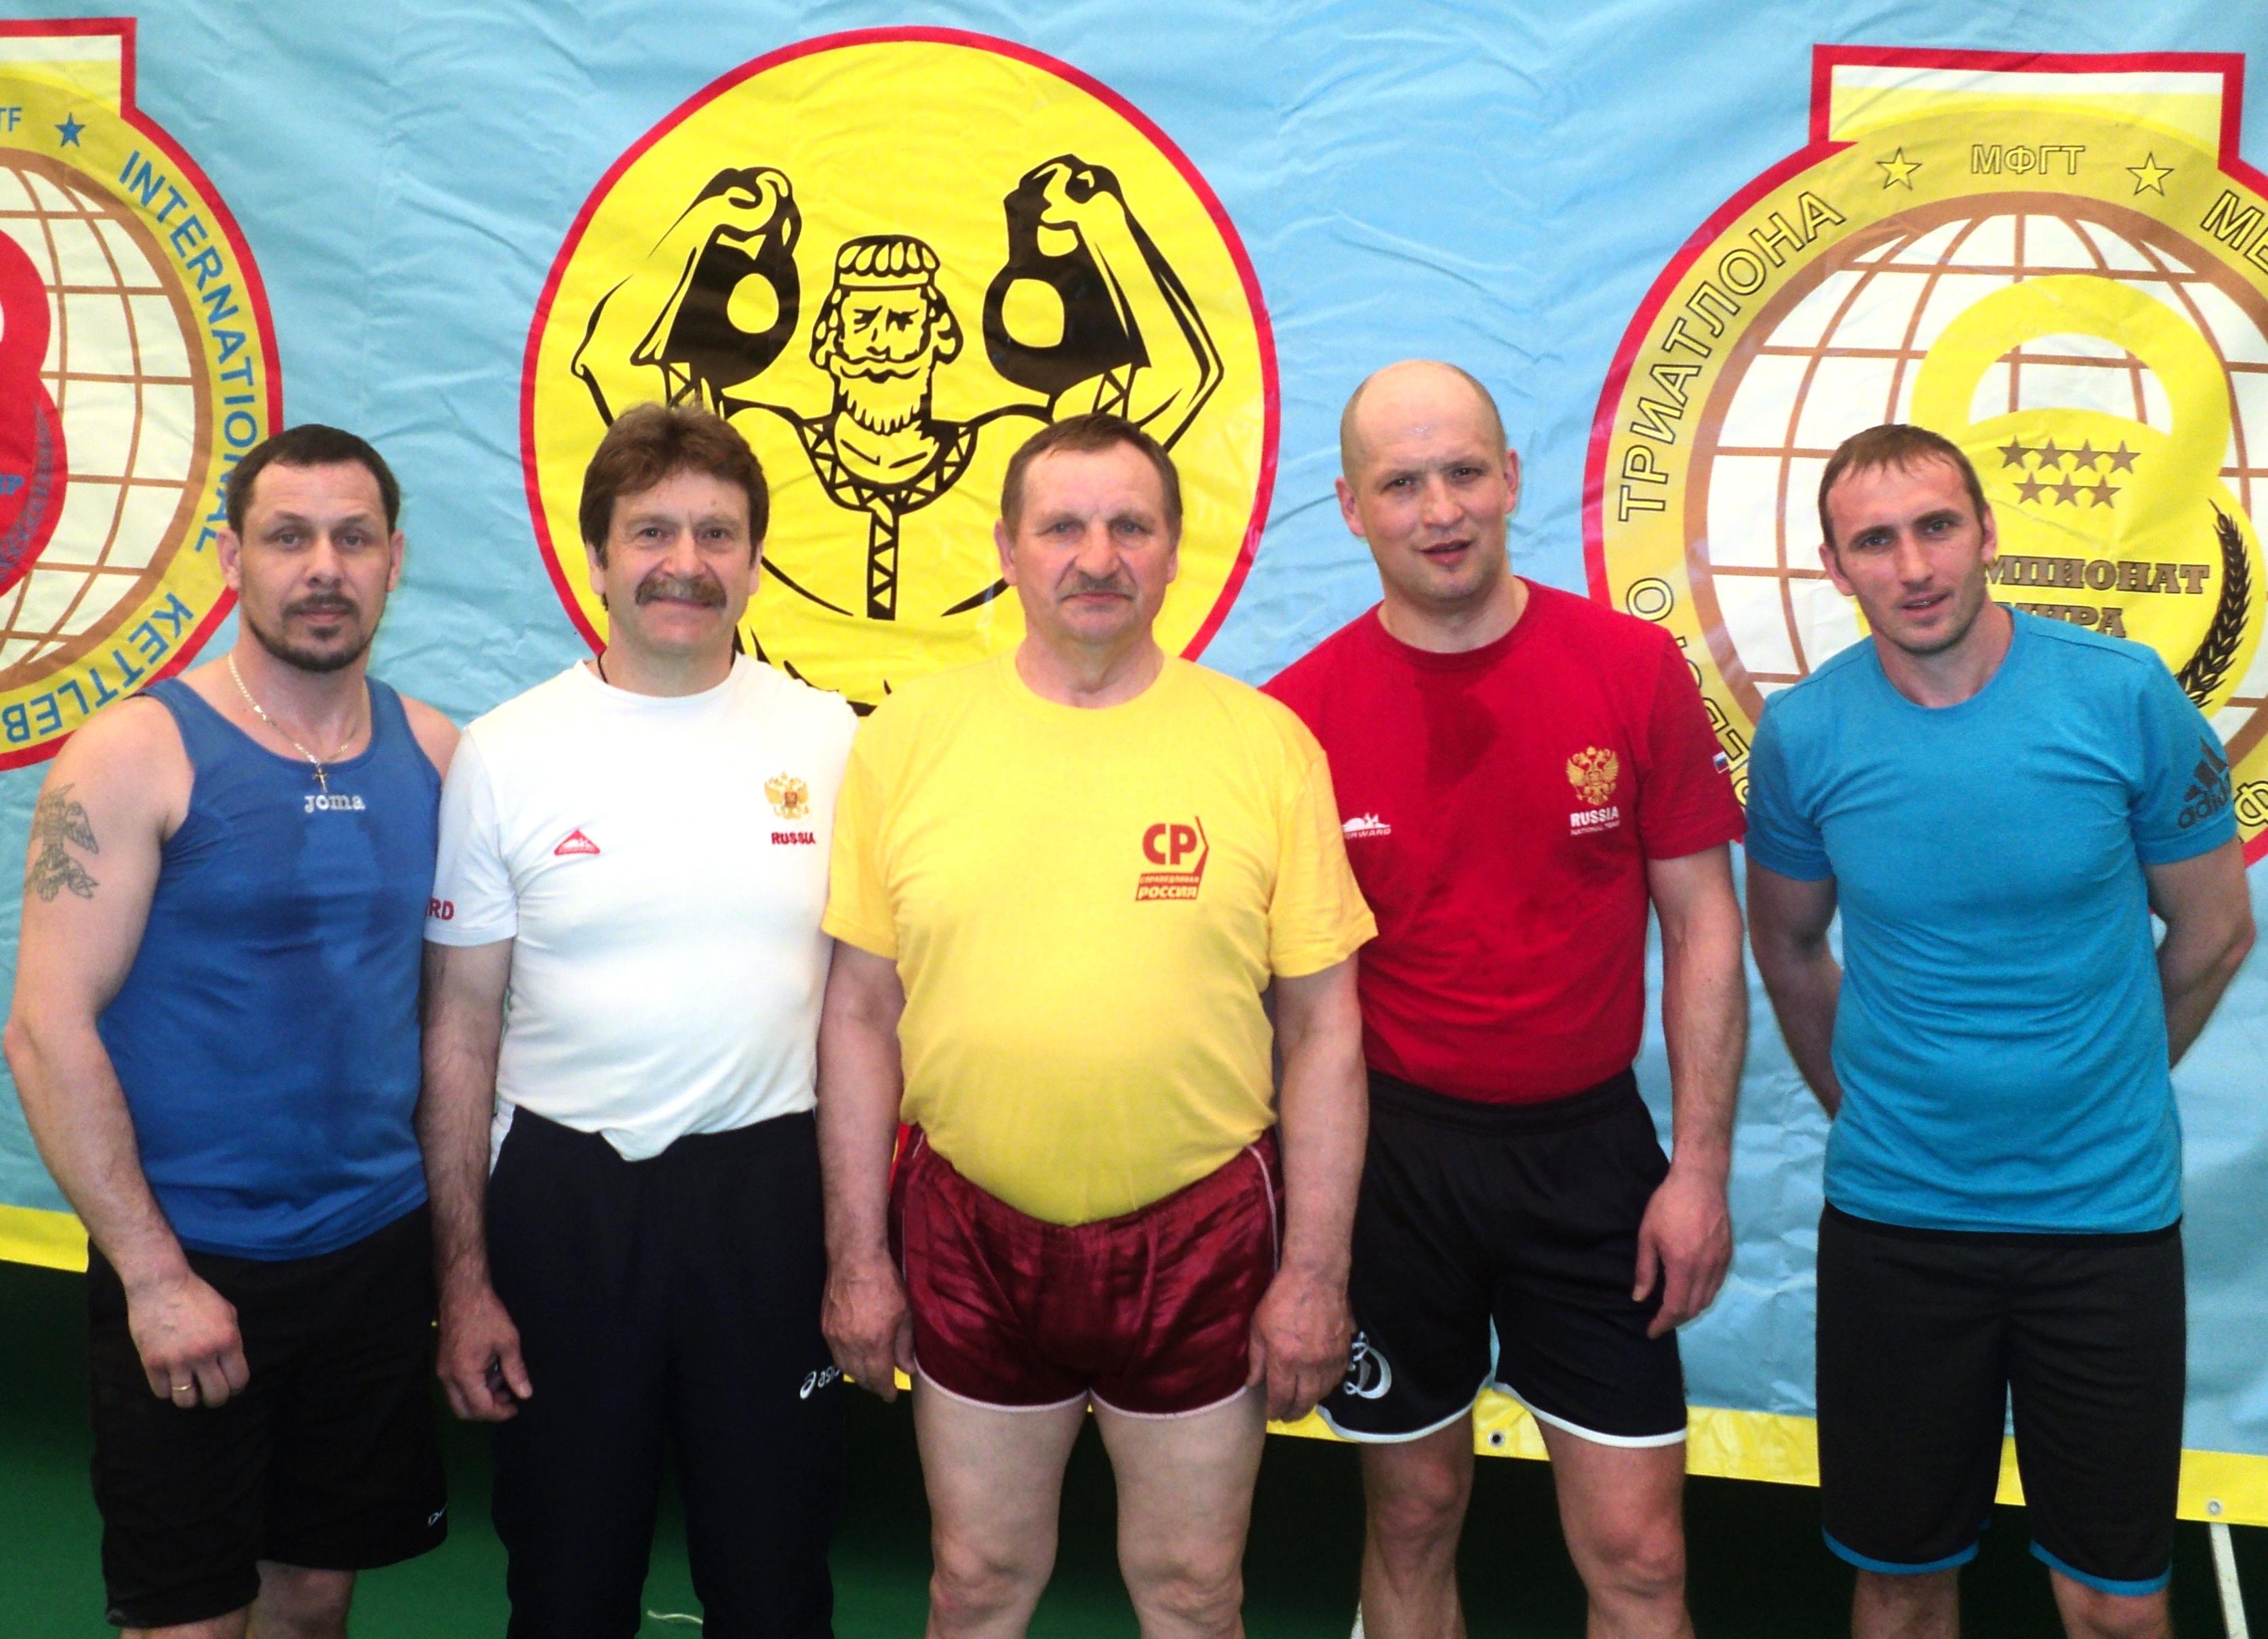 Тверские гиревики в Керчи. Николай Капошко и Алексей Воронин (третий и четвертый слева)